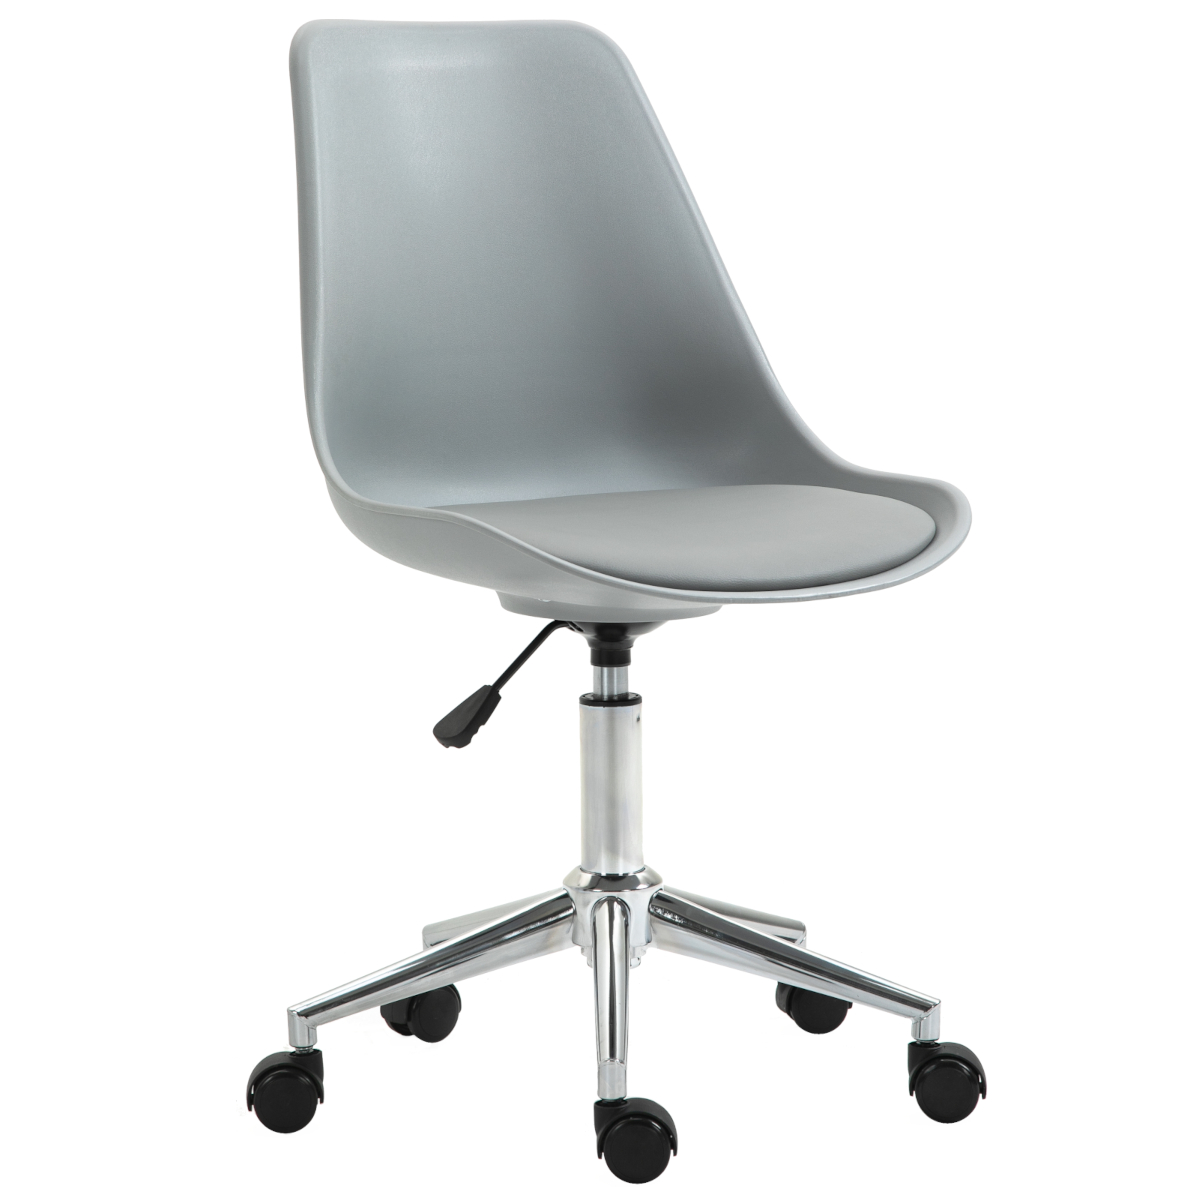 92238 SVITA EDDY Schreibtischstuhl für Kinder Drehstuhl Kinderschreibtischstuhl Grau